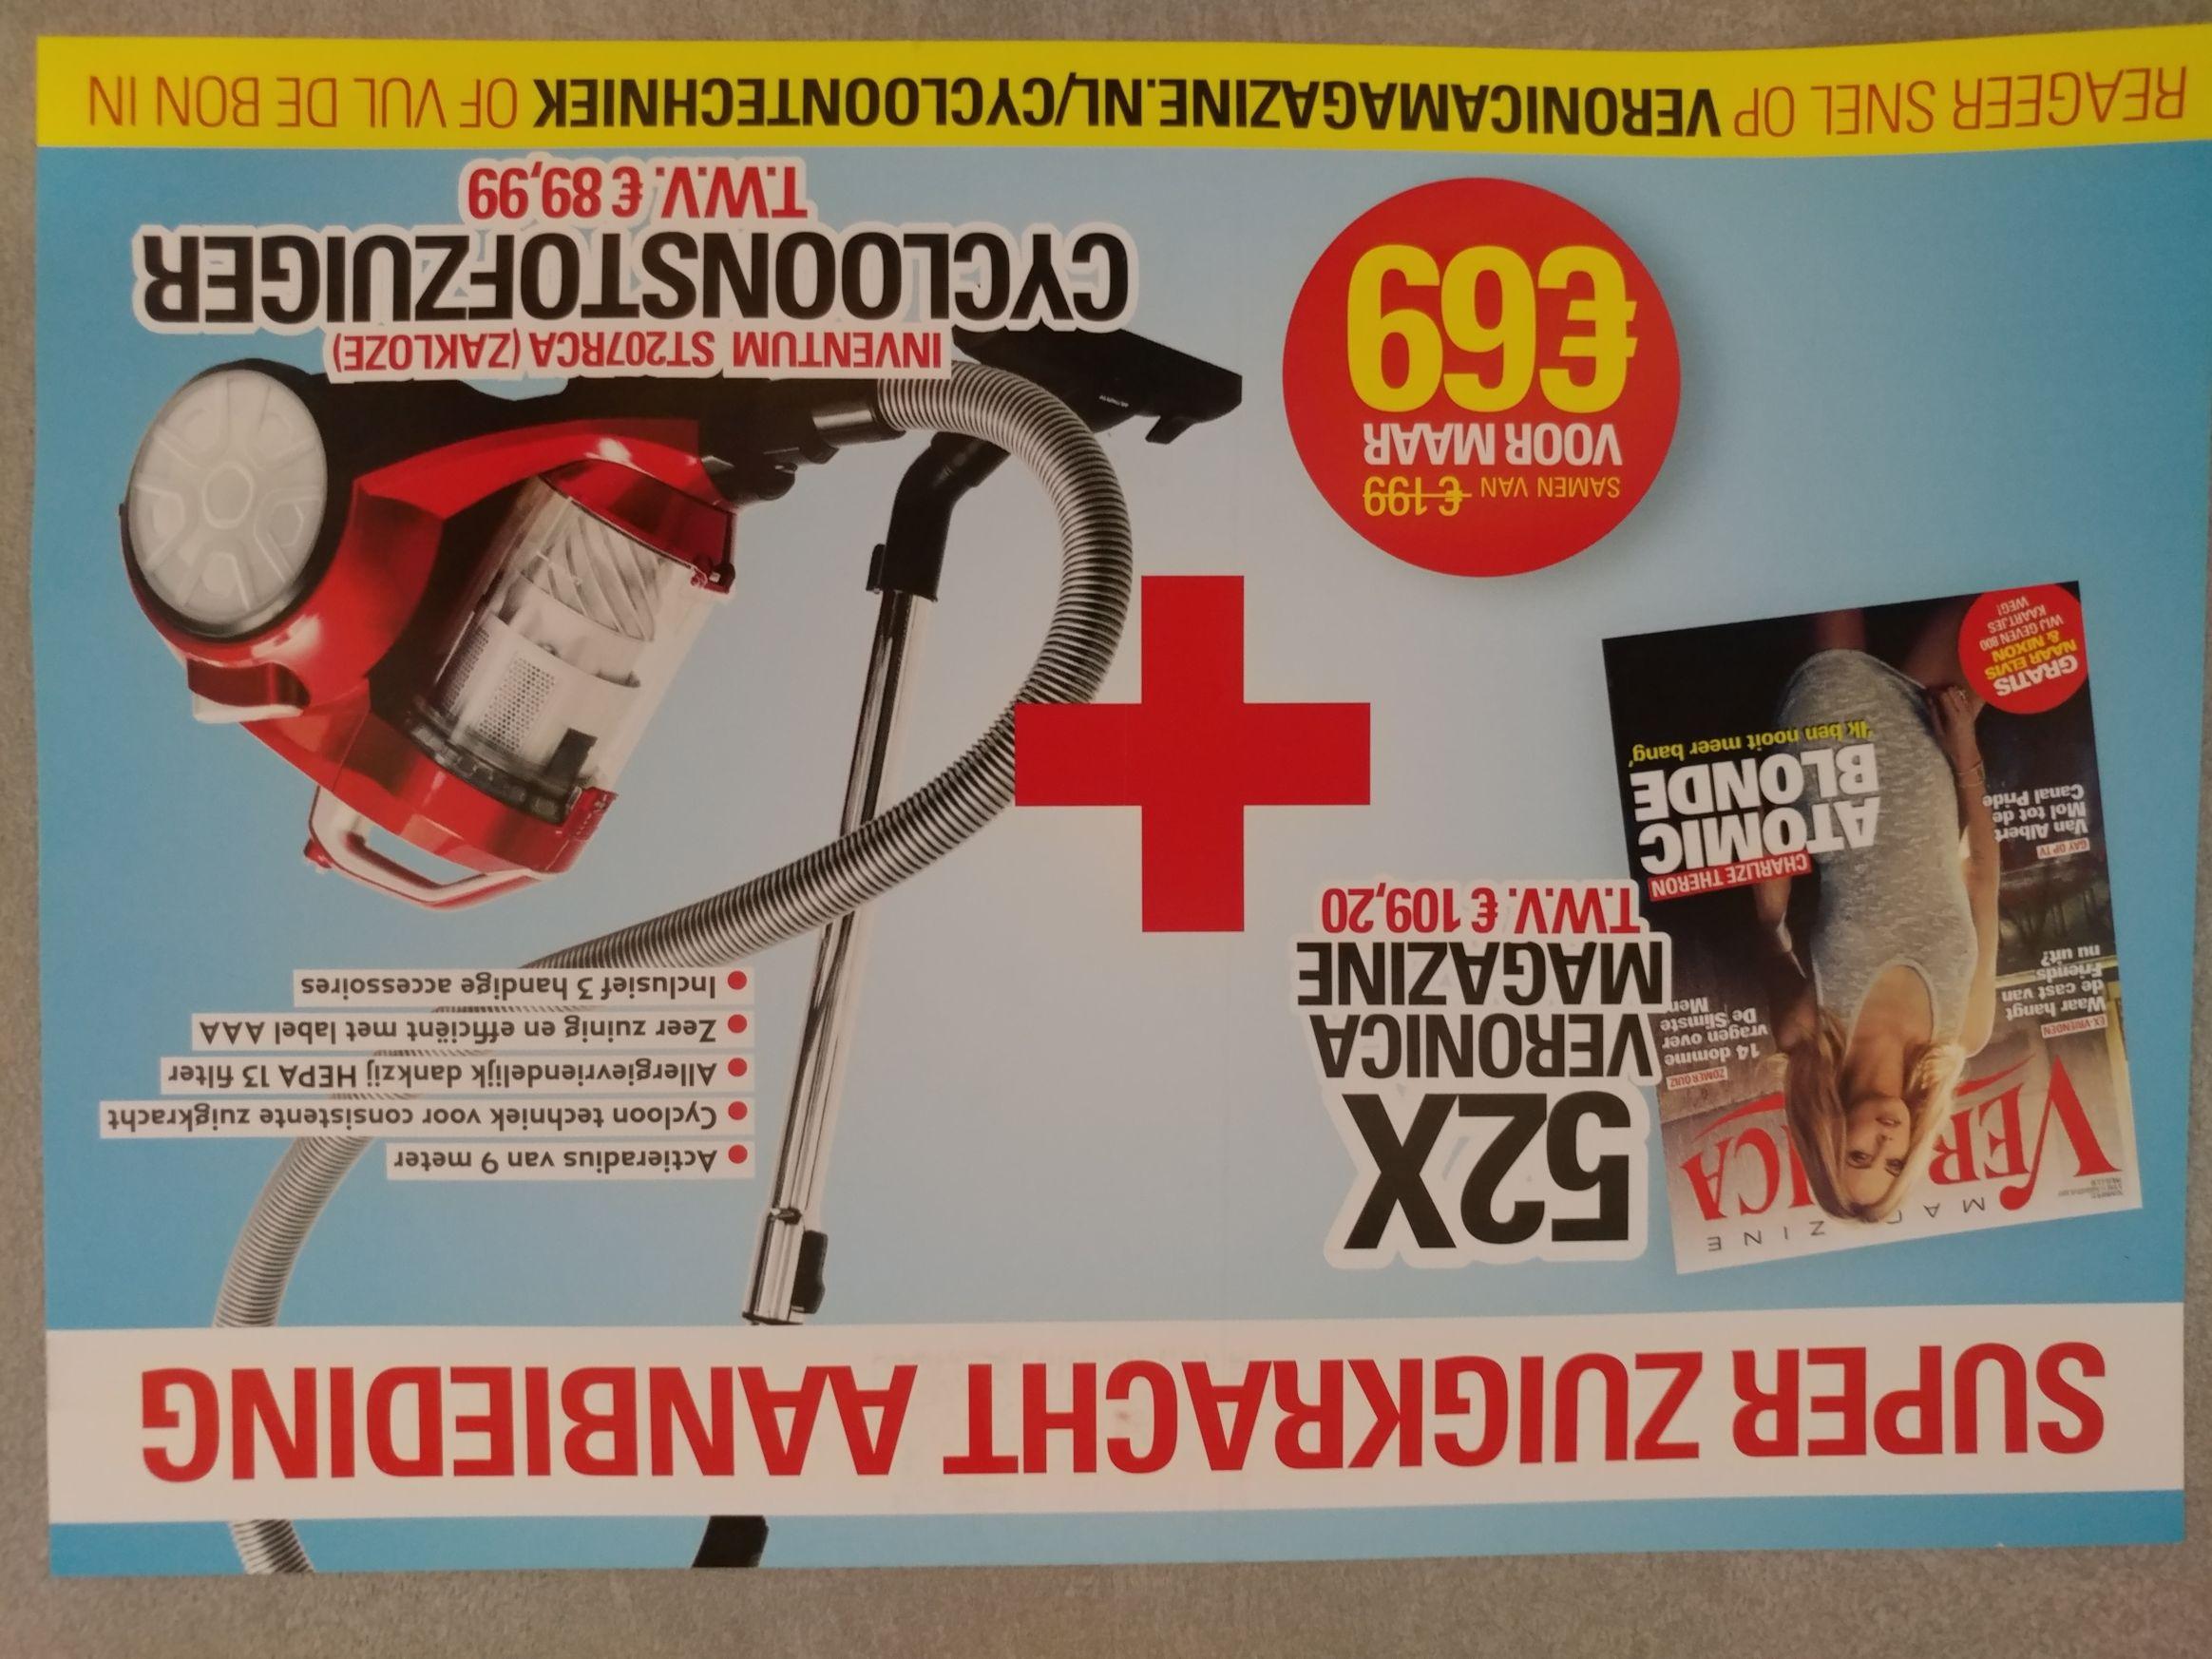 Zakloze stofzuiger ST207RCA + 1jr Veronica magazine voor €69 @ Veronica